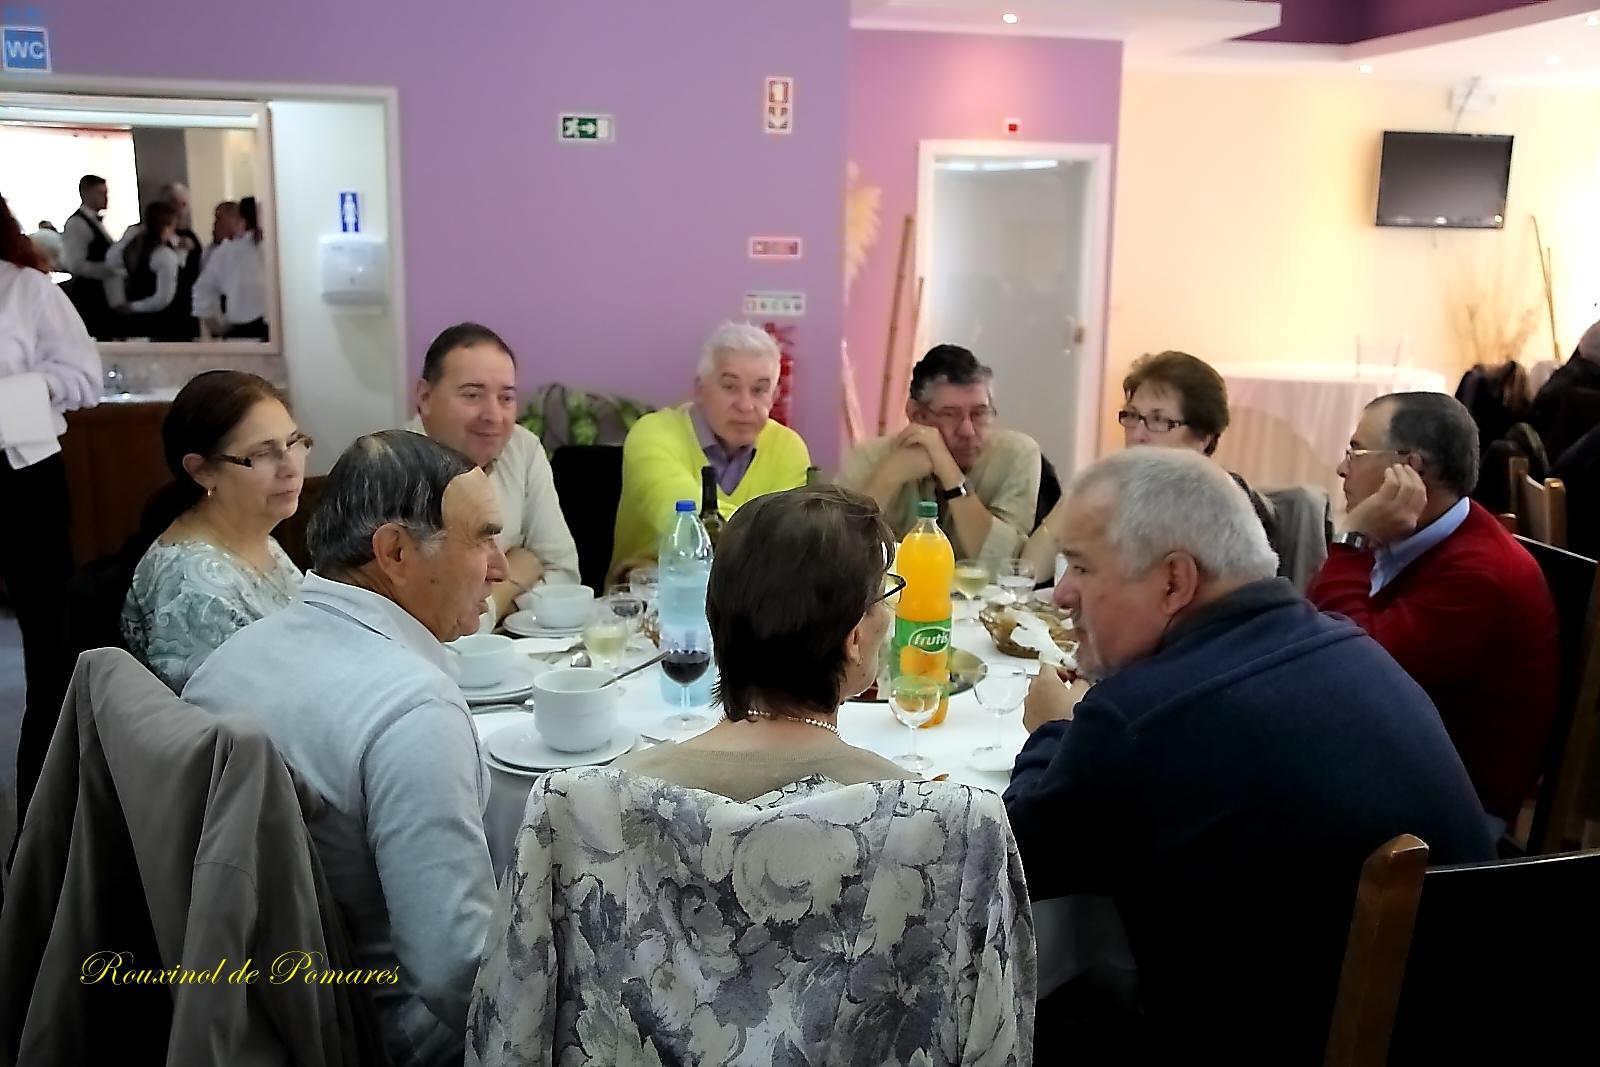 Almoço Comemoração 95 Anos Sociedade  (21)